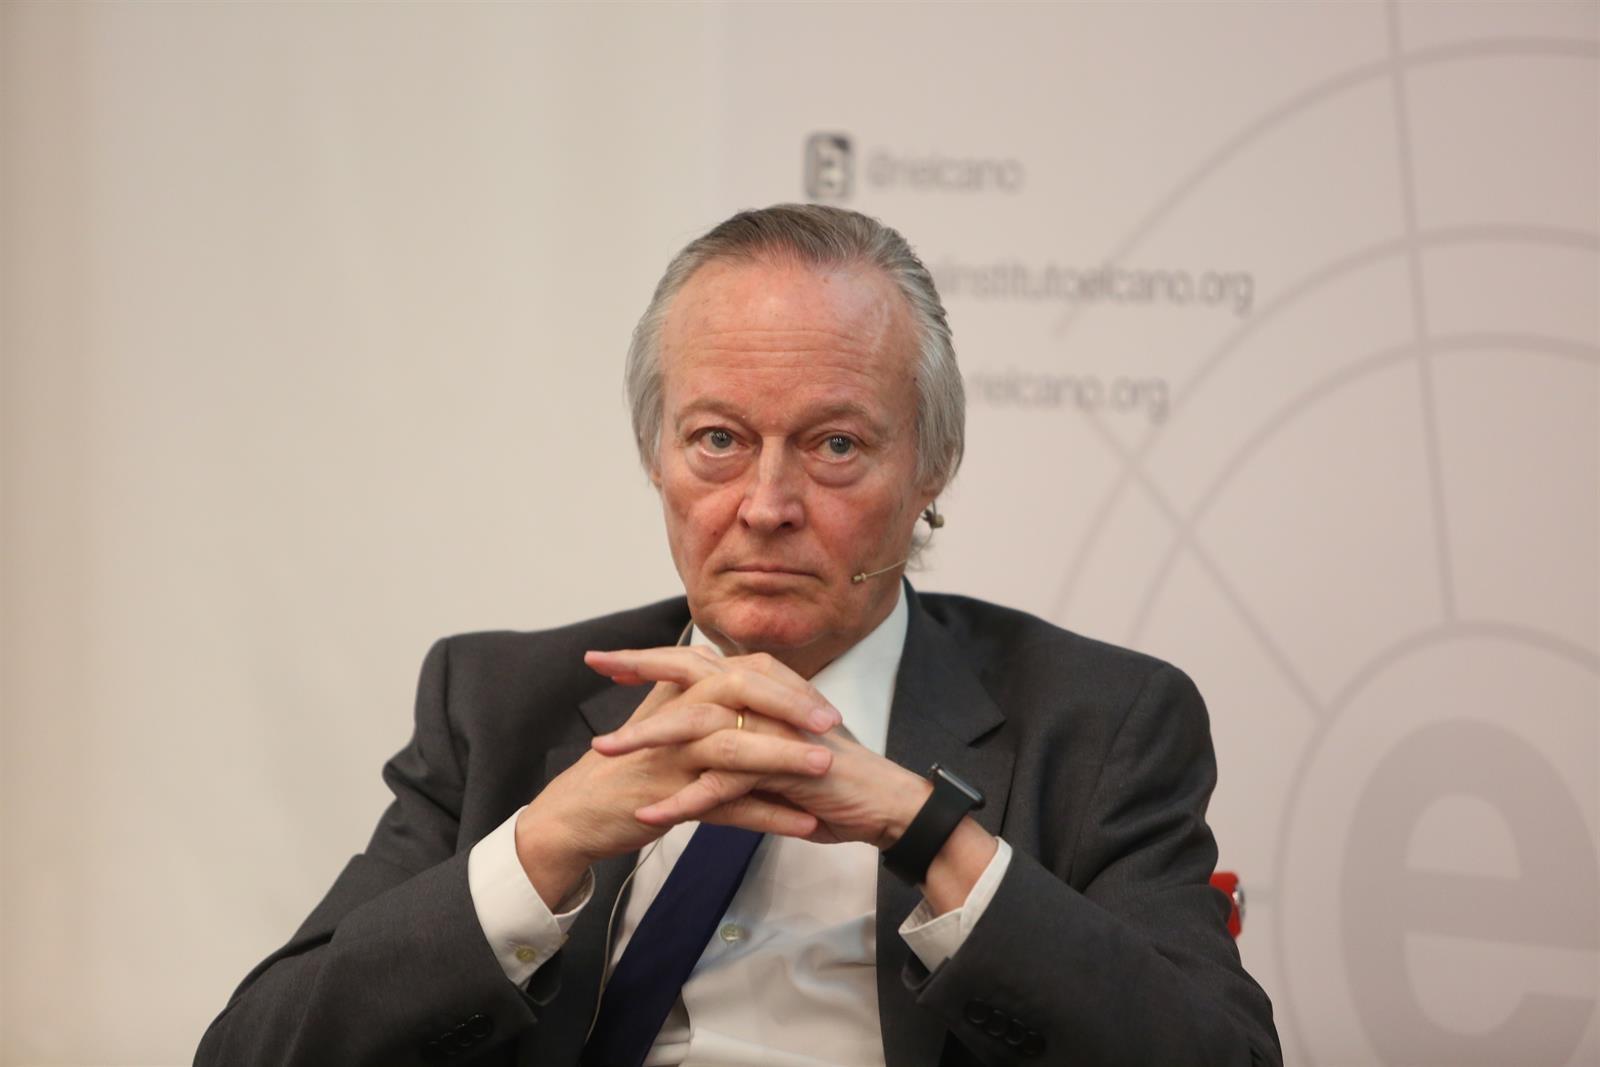 El exministro Josep Piqué, implicado en el amaño de un contrato de OHL en la fallida Ciudad de la Justicia de Madrid